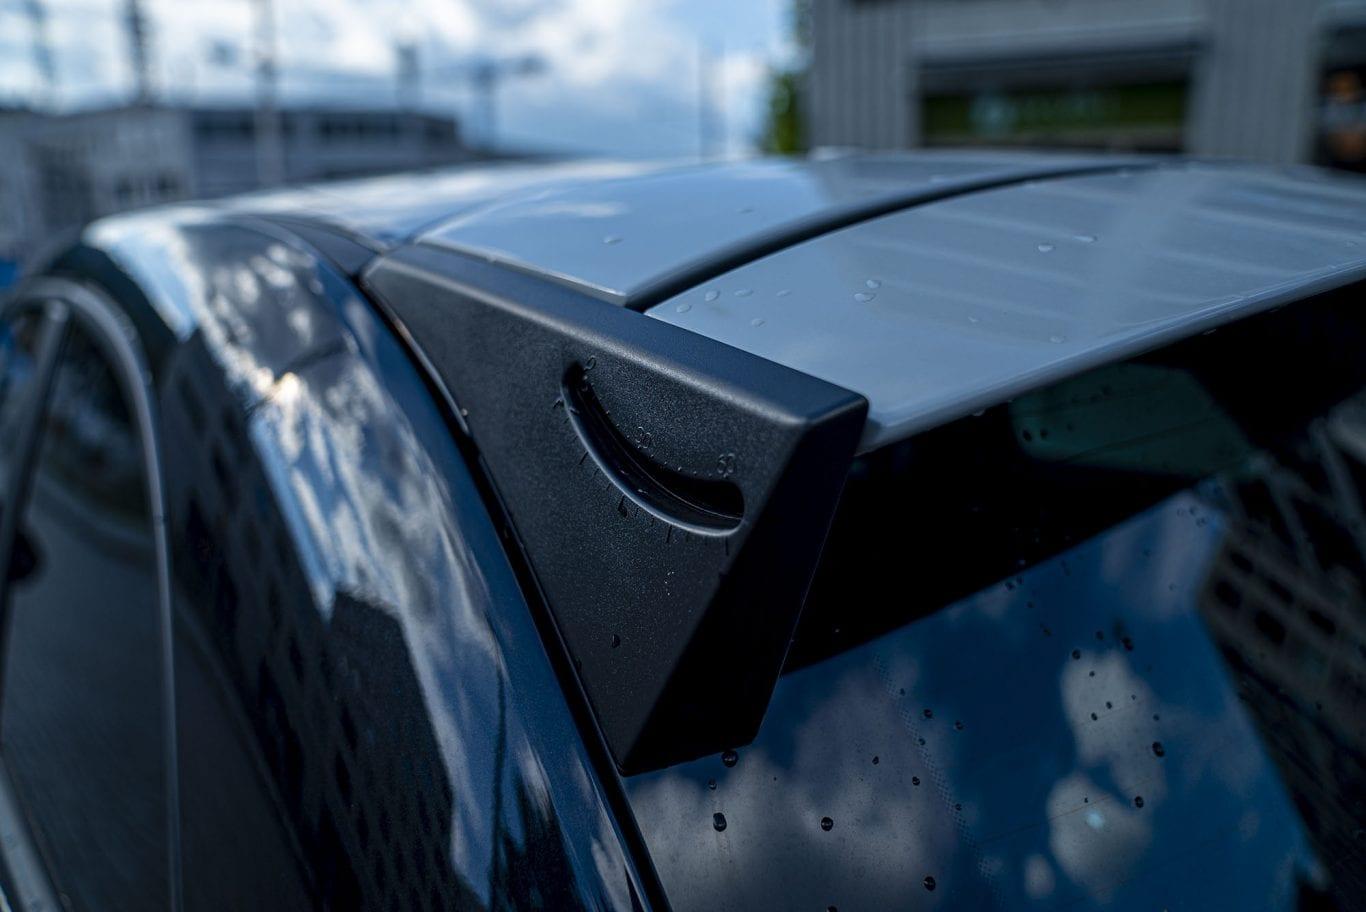 Fiat 500 Abarth 695 70 Anniversario: Fiat, wir müssen reden - Auto Kunz AG 9